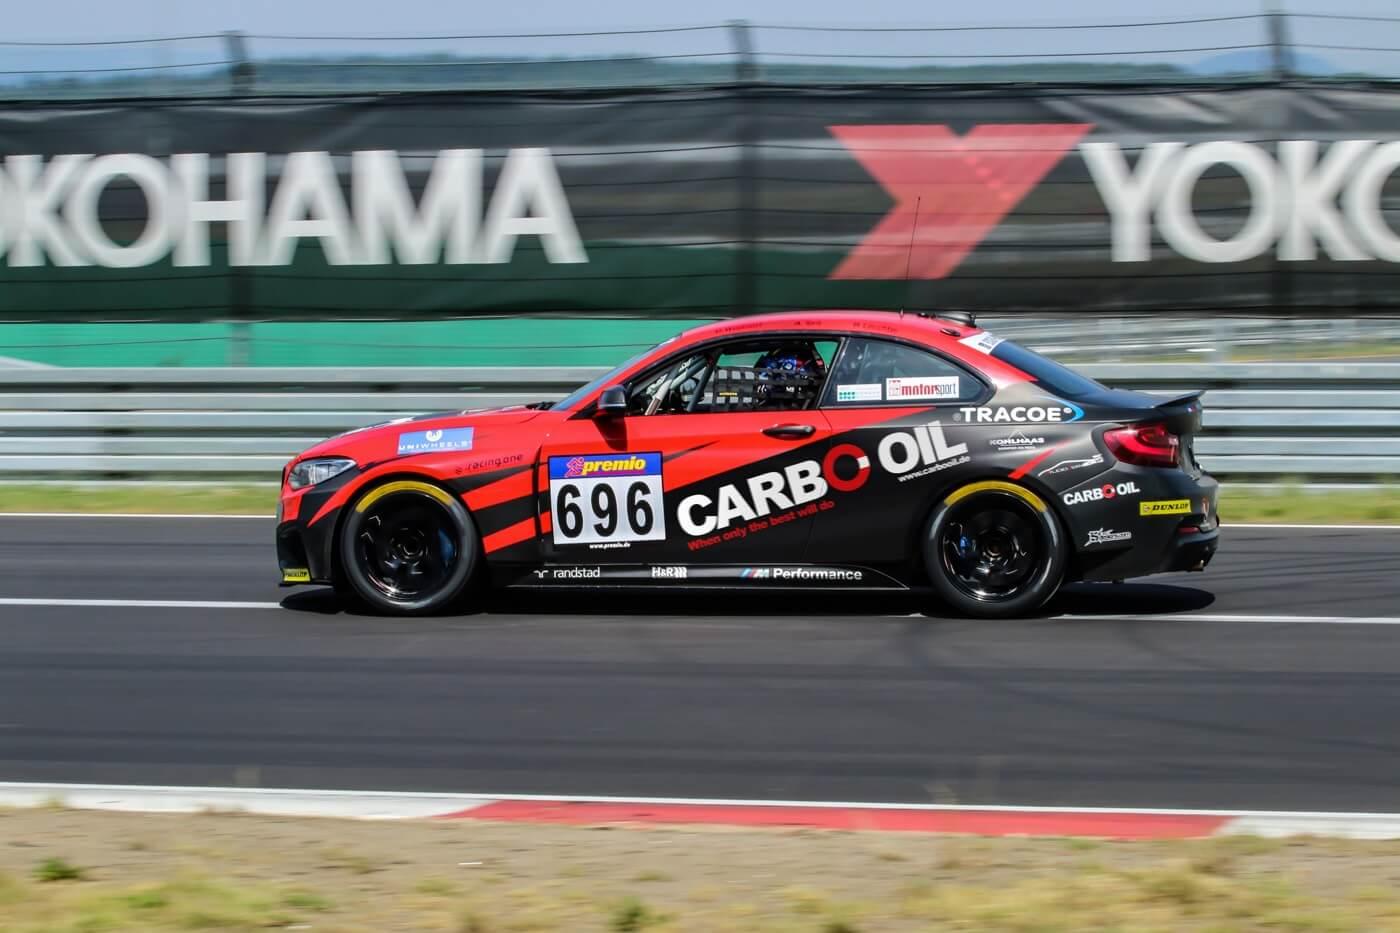 Carbo oil BMW VLN